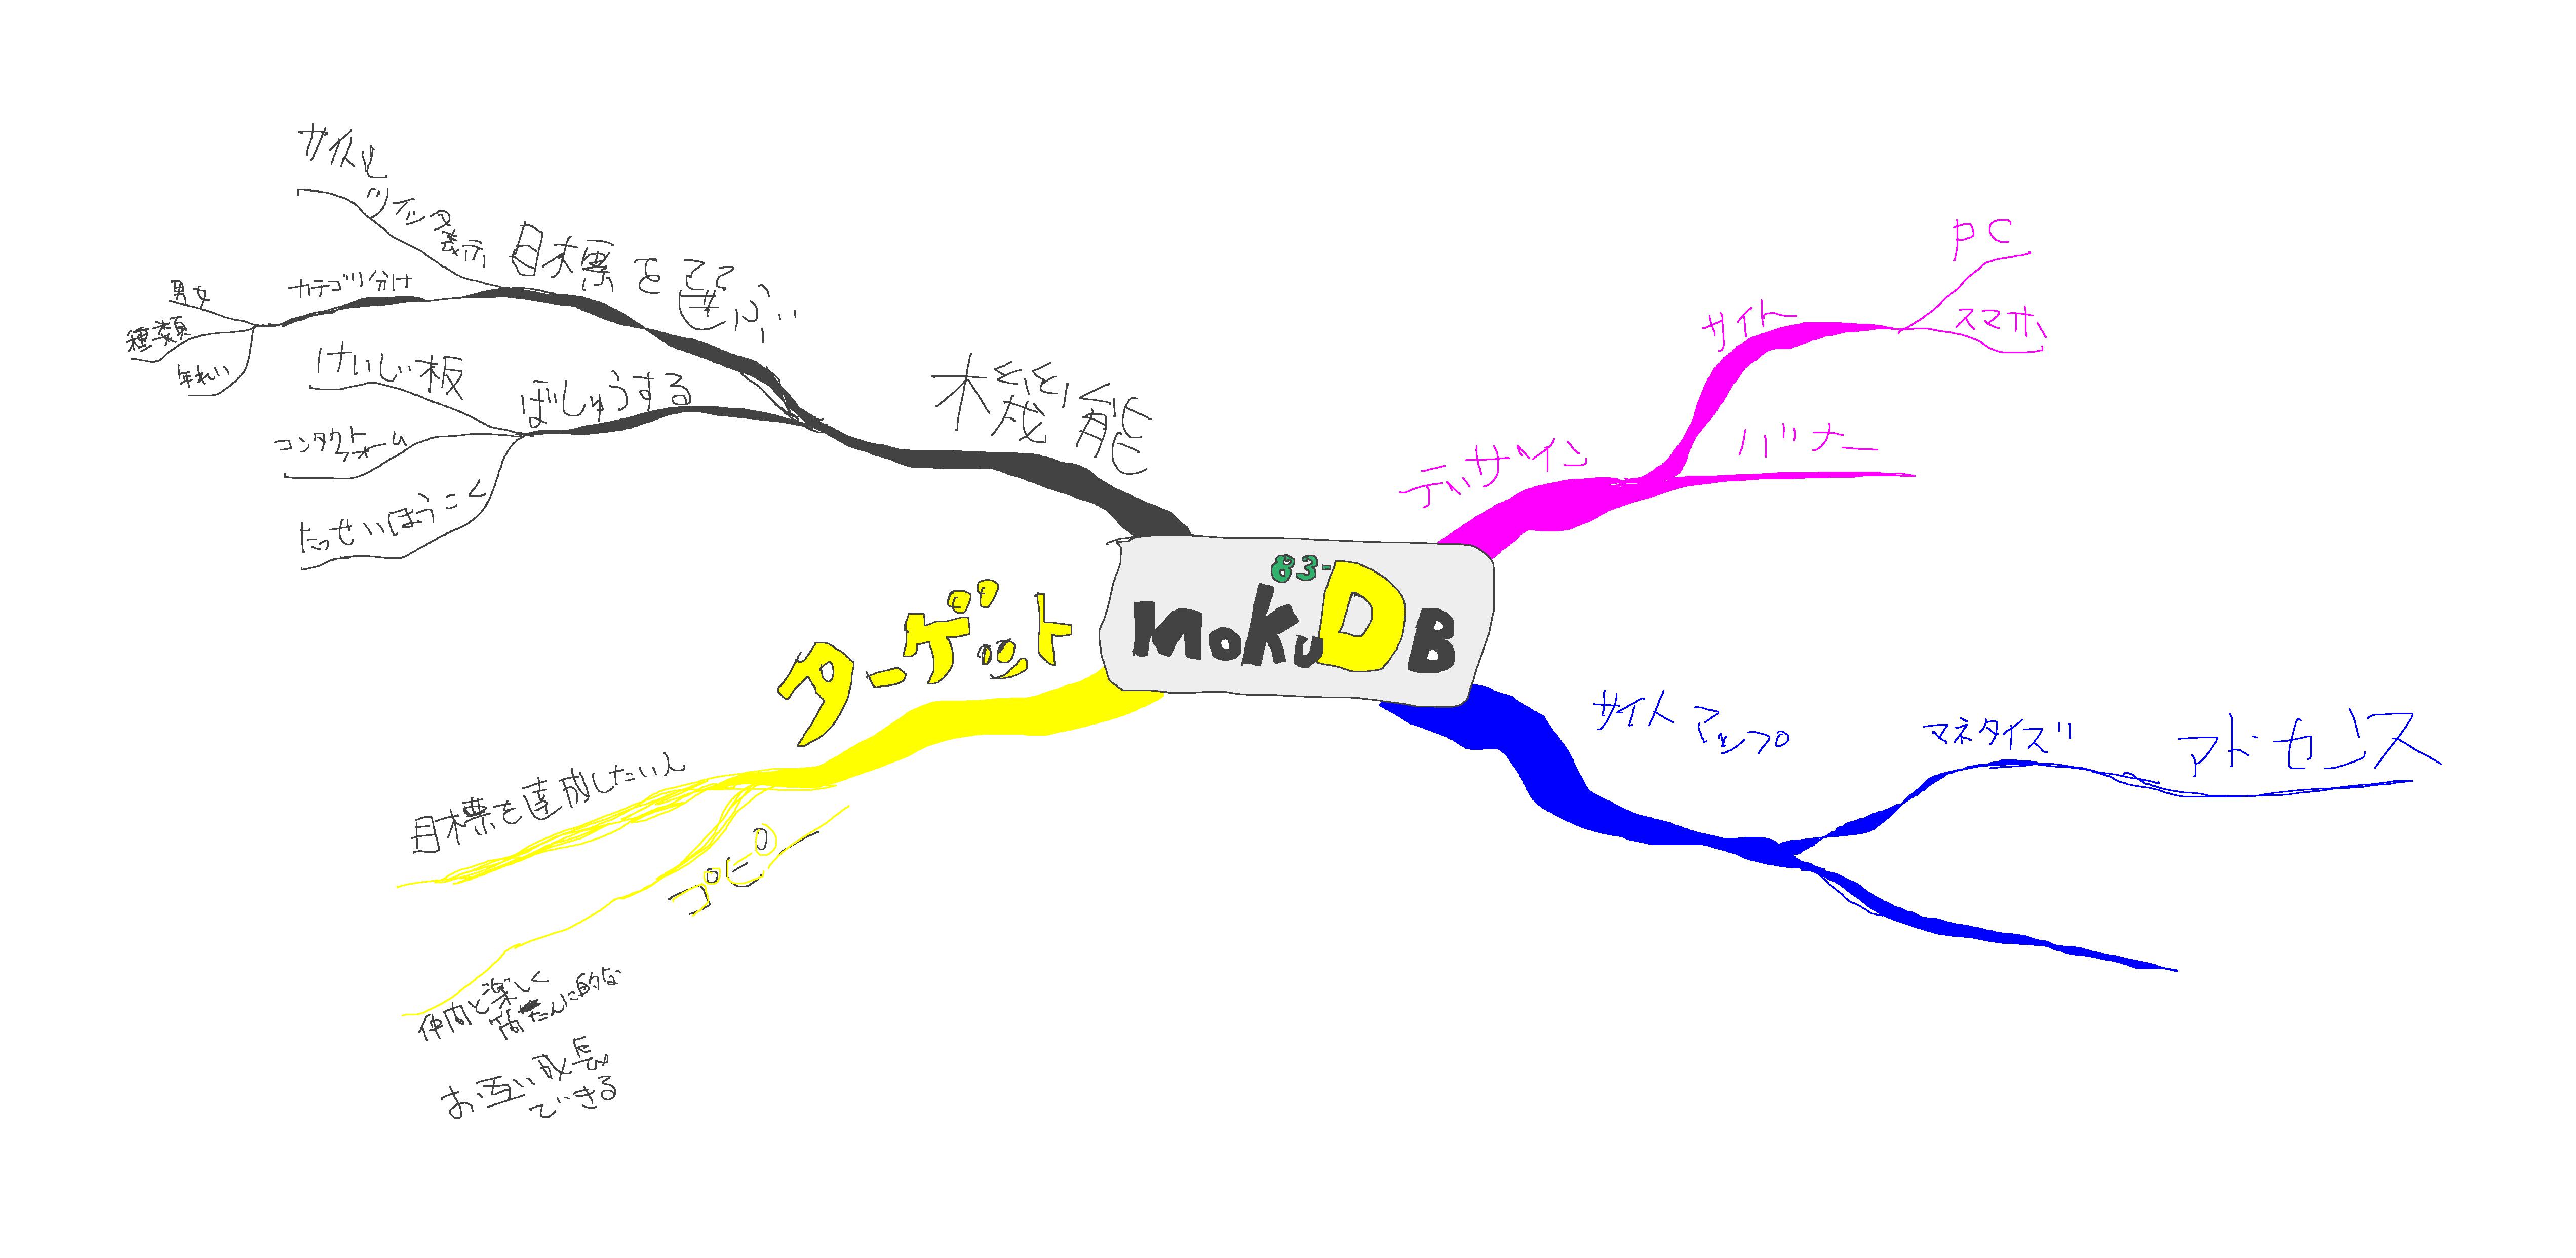 mokudb_mindmap